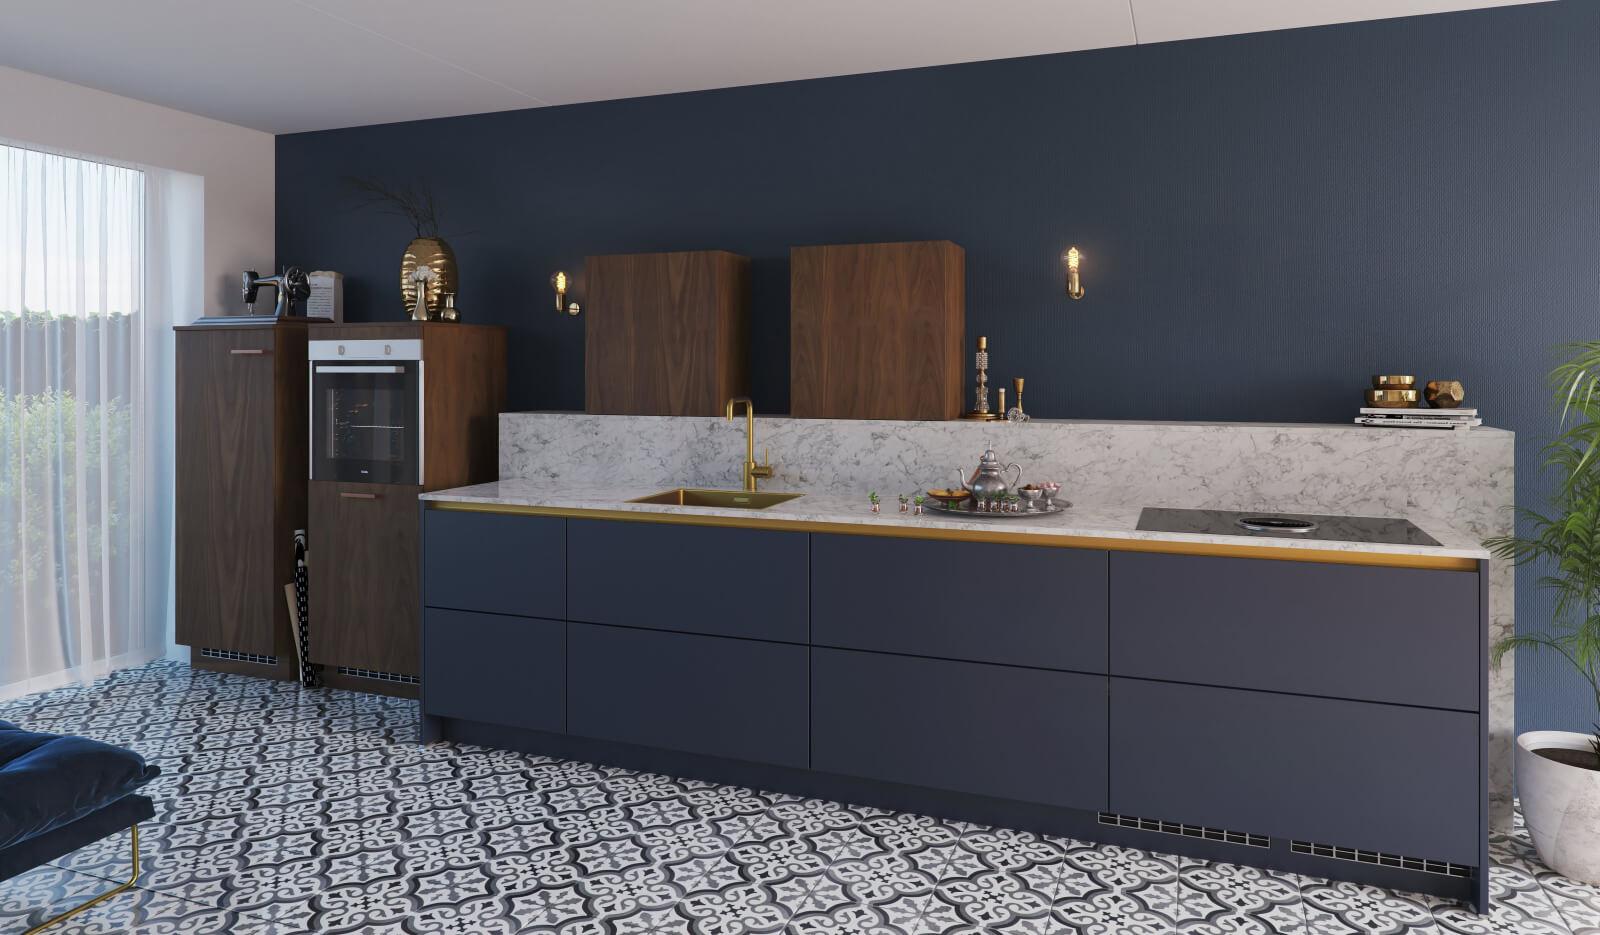 Keuken Olympia nachtblauw - design keuken